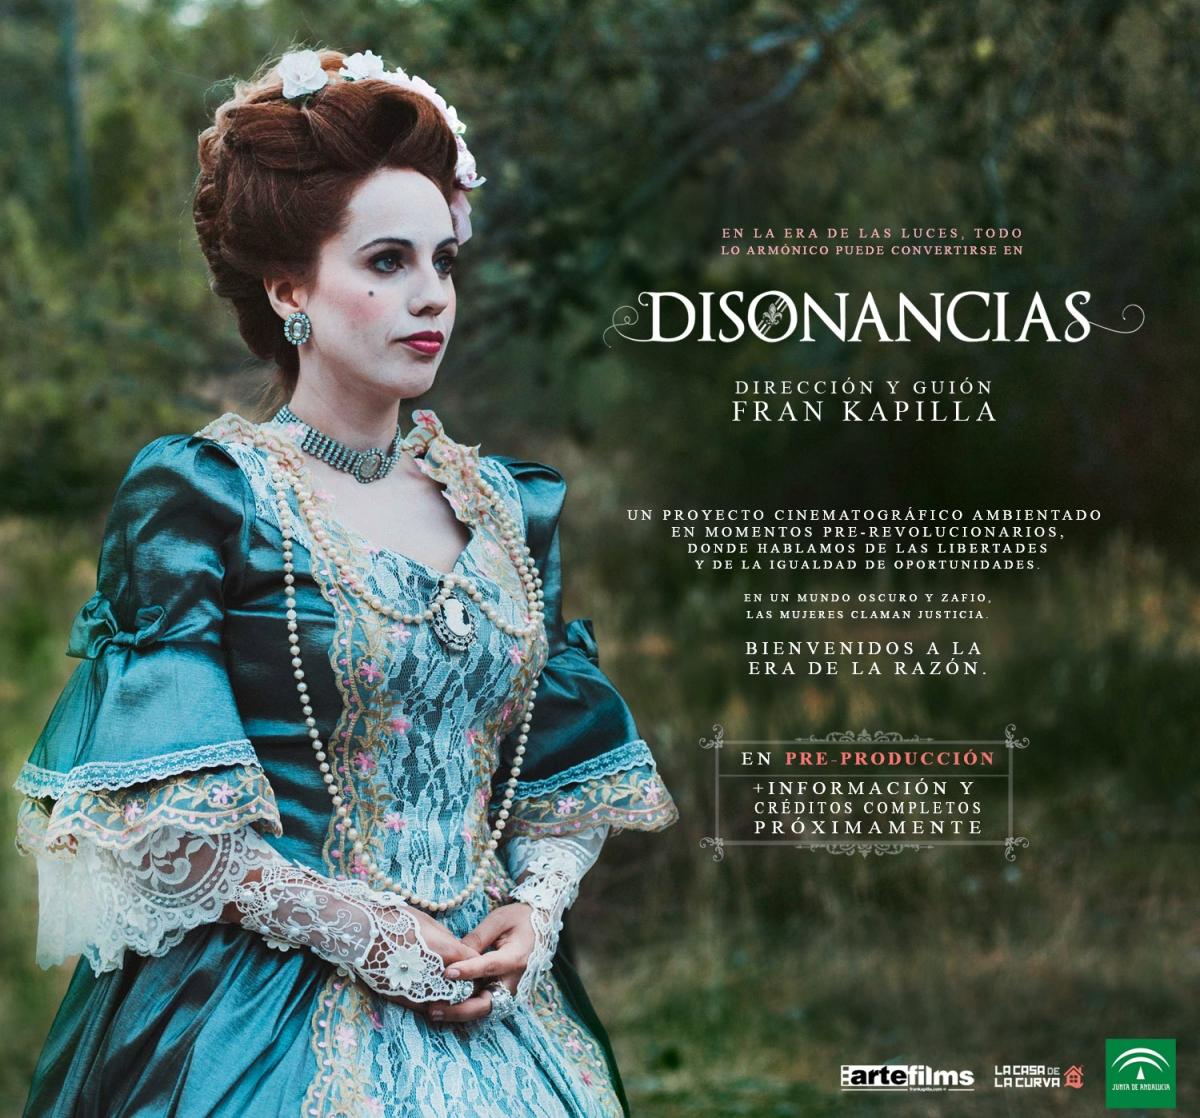 20210921153324_events_349_cortometraje-disonancias-torremolinos-cultura-4.jpg